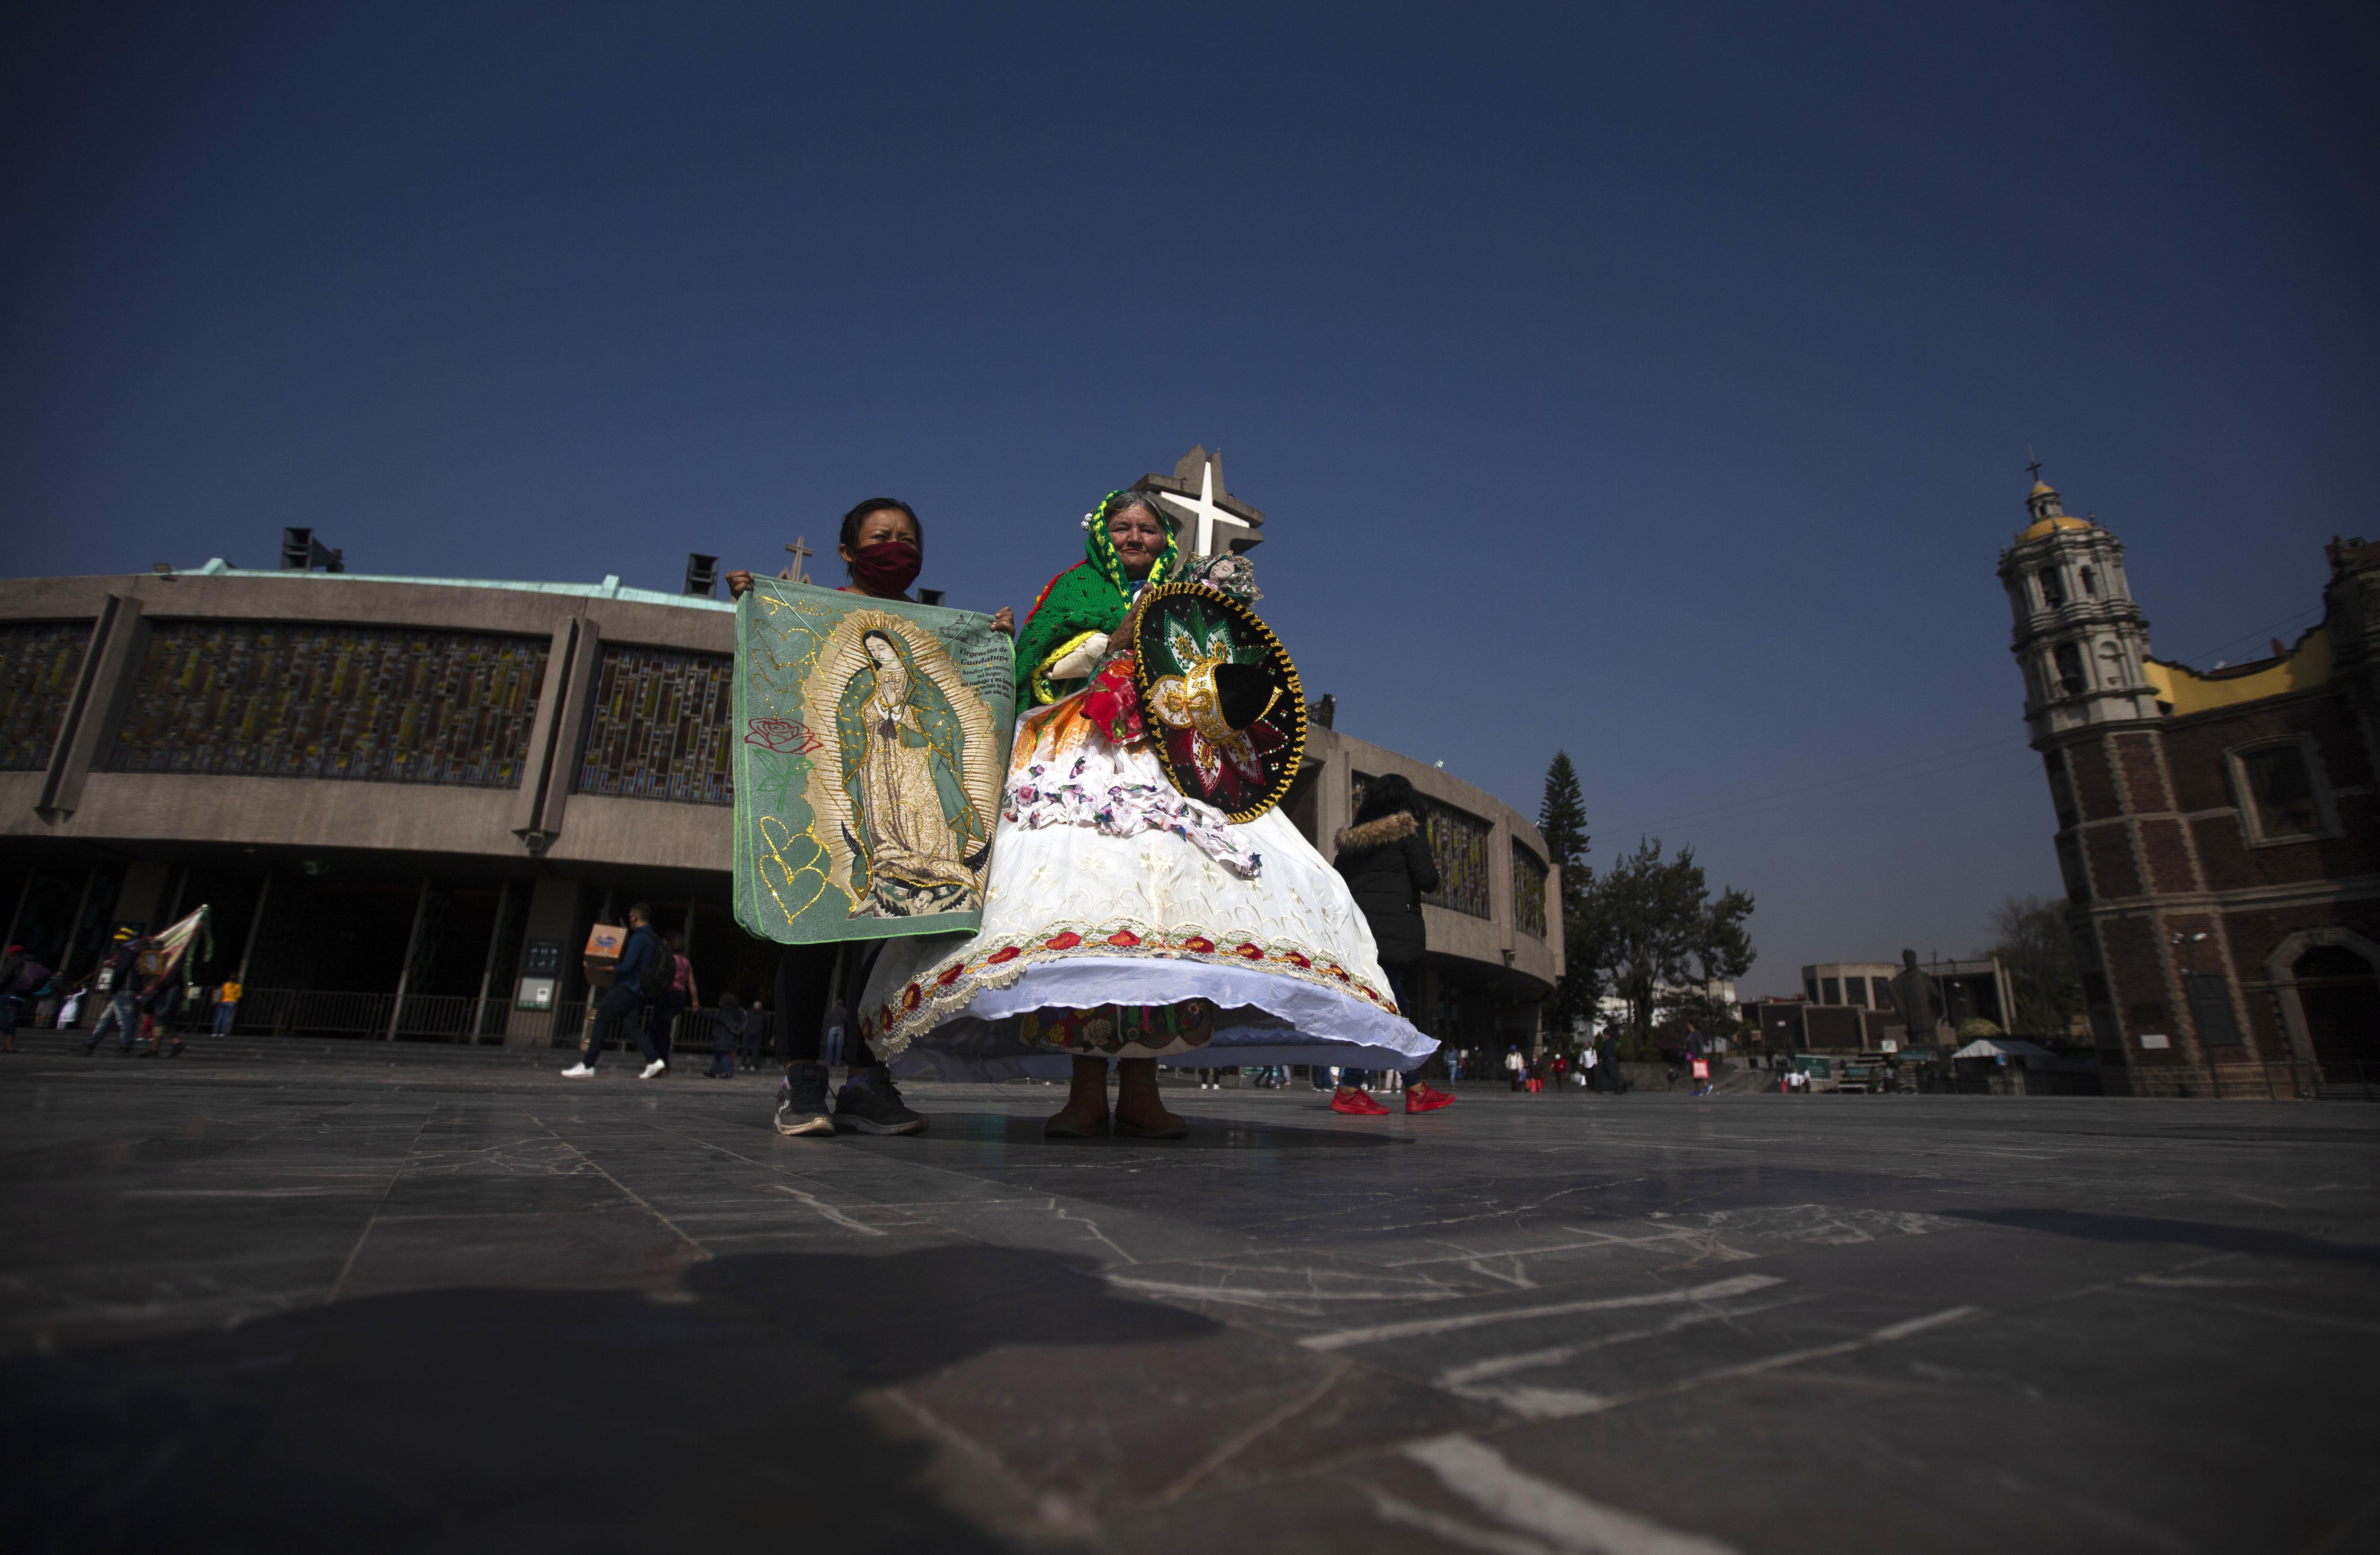 Peregrinos caminan en la plaza frente a la Basílica de la Virgen de Guadalupe en la Ciudad de México, el miércoles 9 de diciembre de 2020.